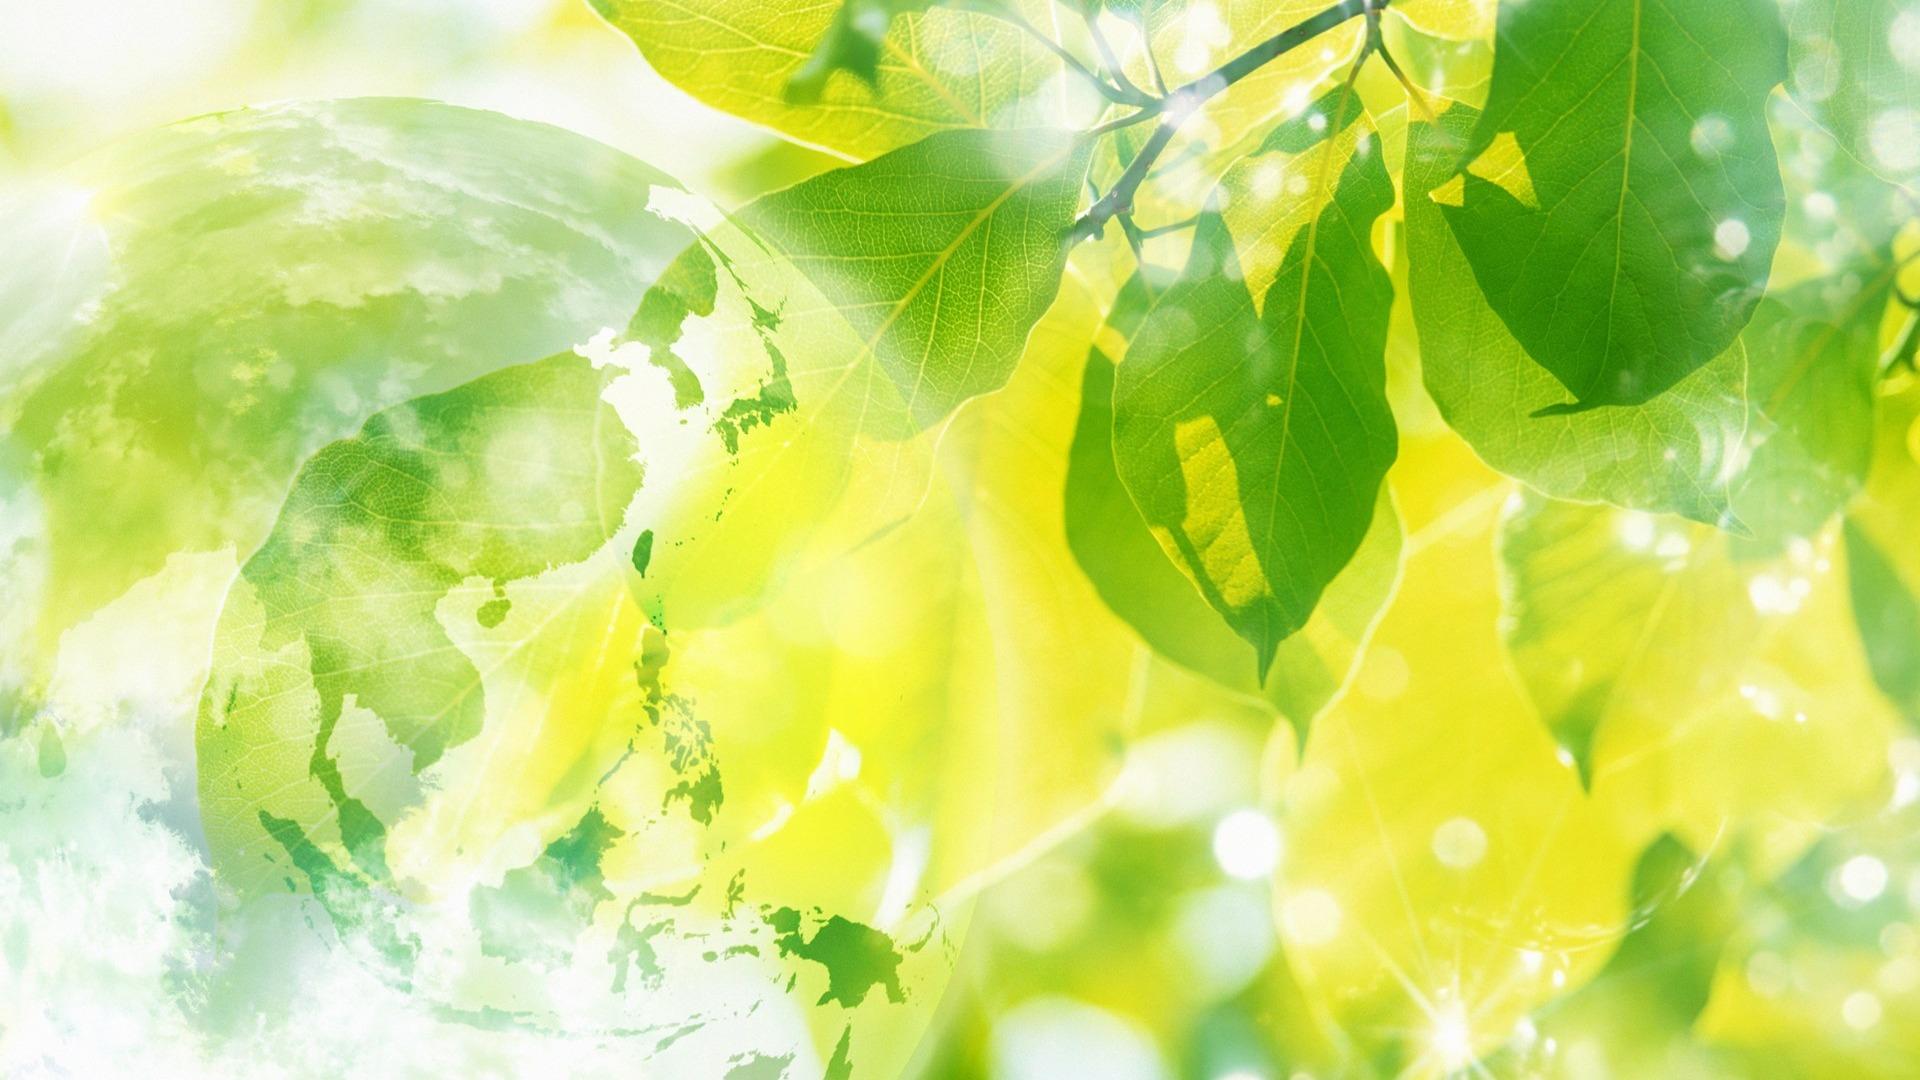 グリーン環境トピックのps壁紙 15 19x1080 壁紙ダウンロード グリーン環境トピックのps壁紙 デザイン 壁紙 V3の壁紙